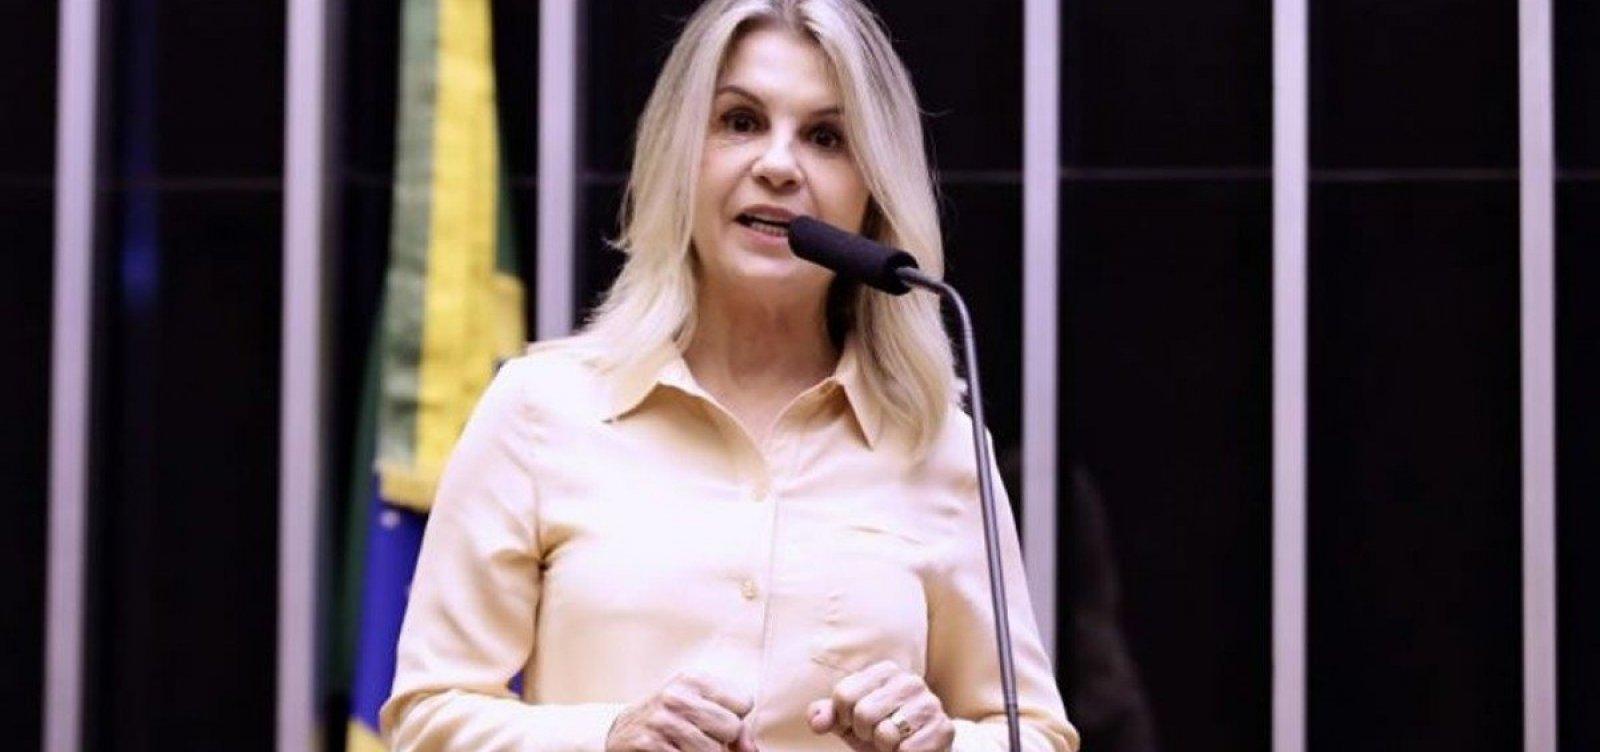 [Deputada bolsonarista pró-cloroquina é imunizada com Coronavac, mas diz que preferia outra vacina]